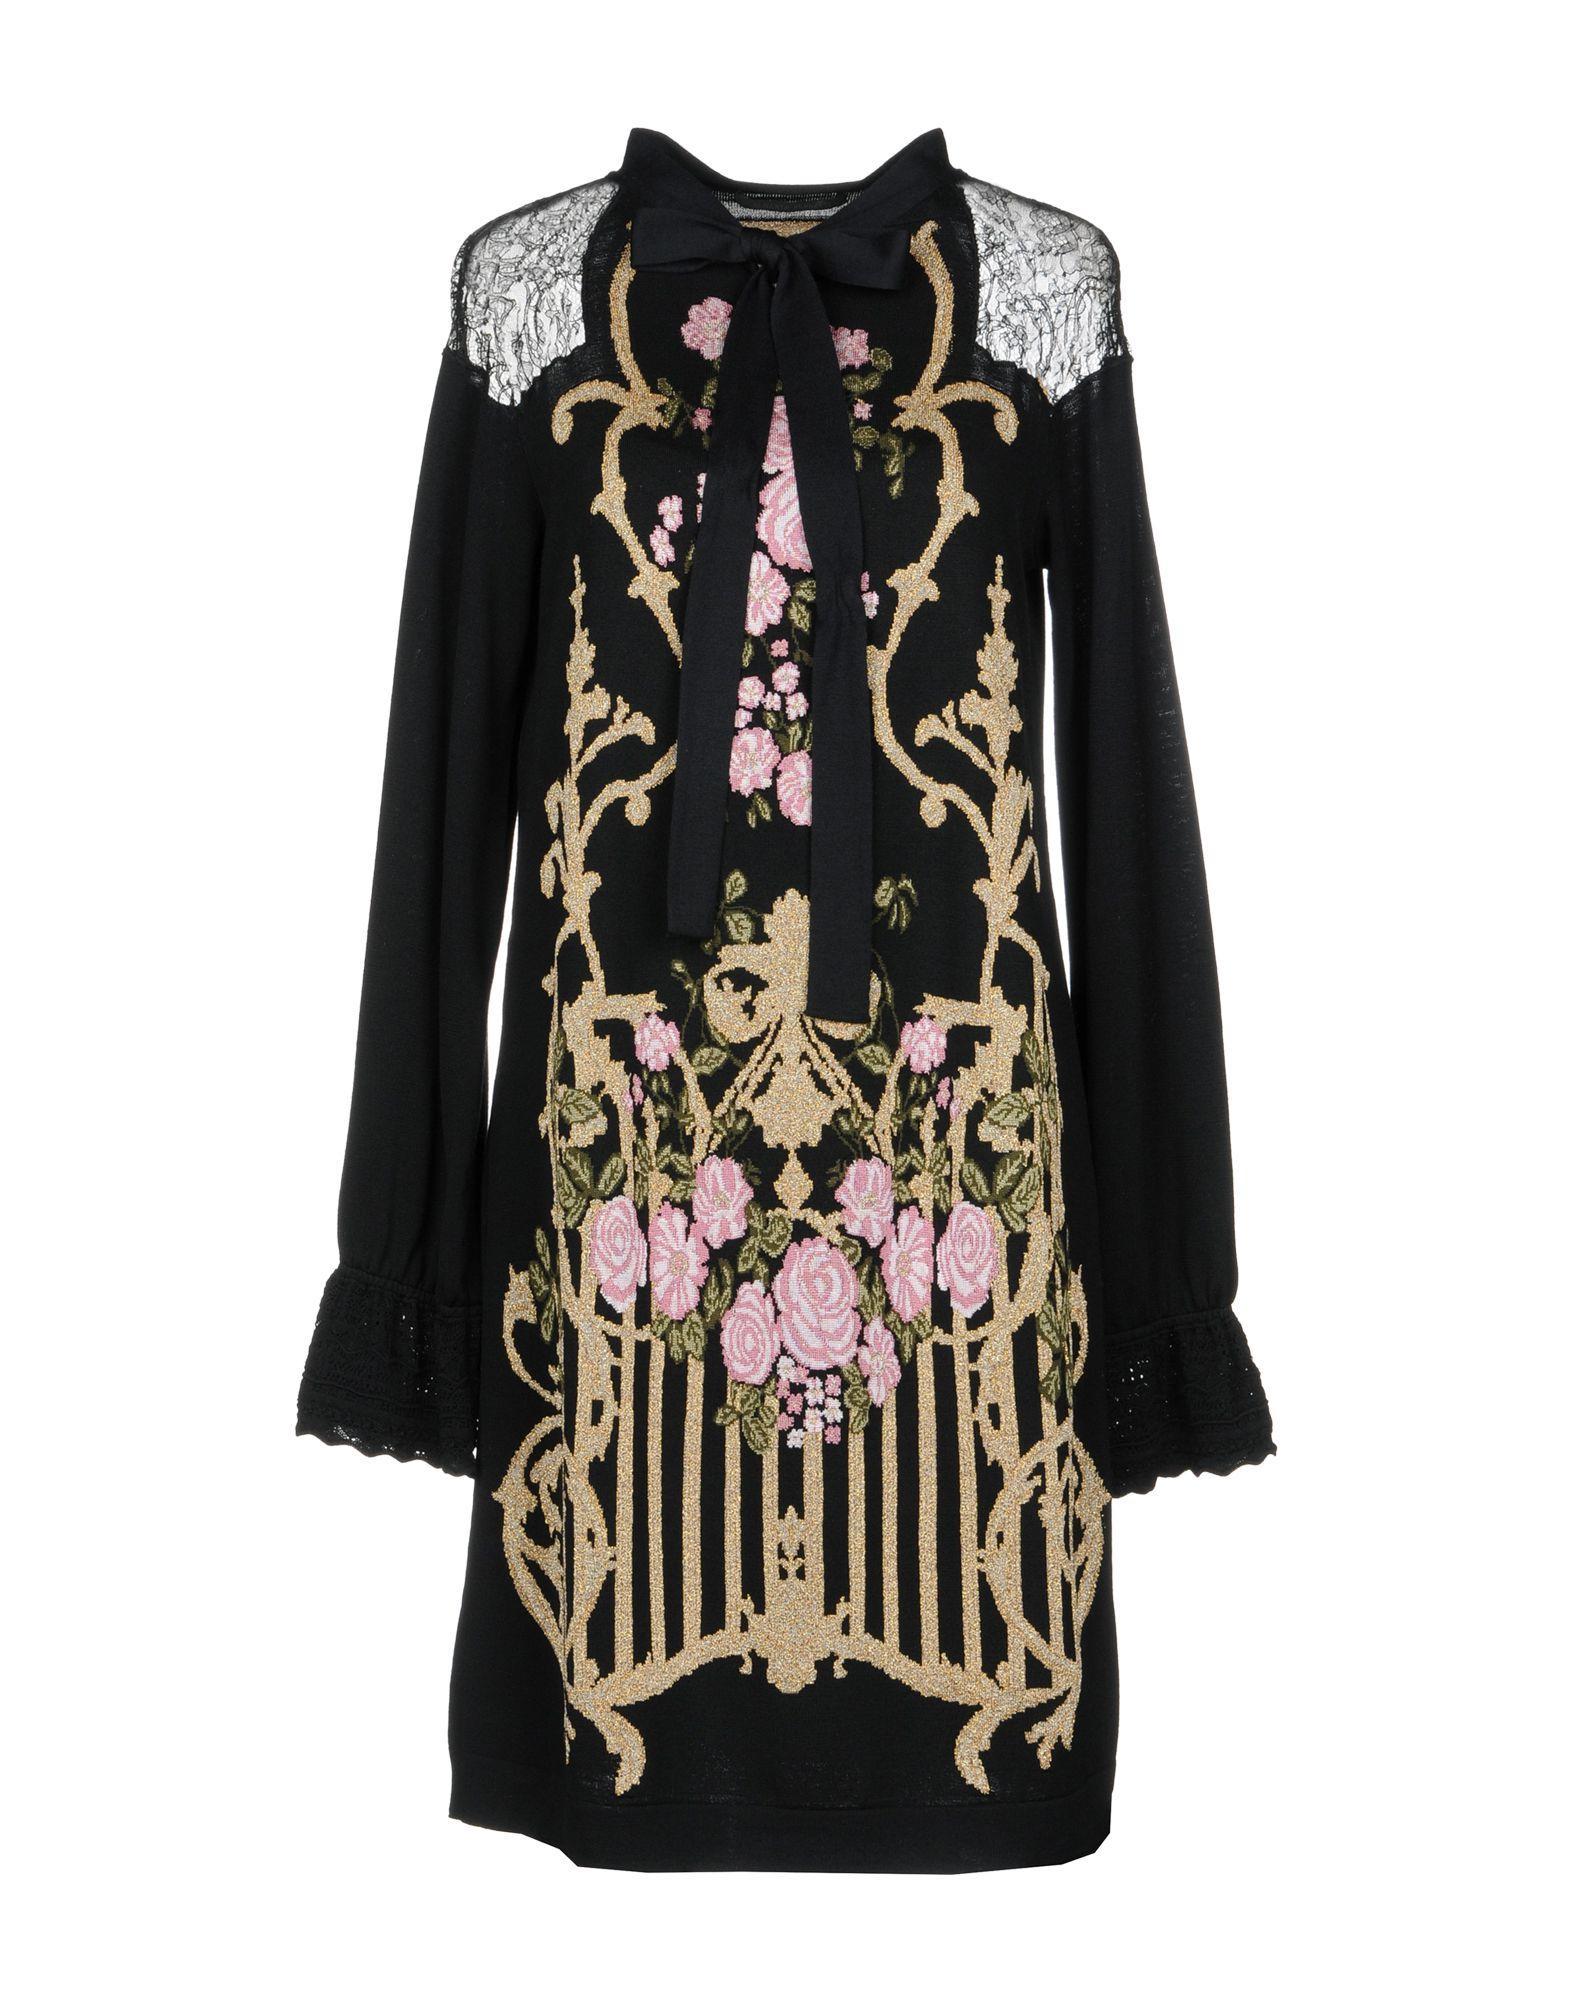 Alberta Ferretti Short Dress In Black